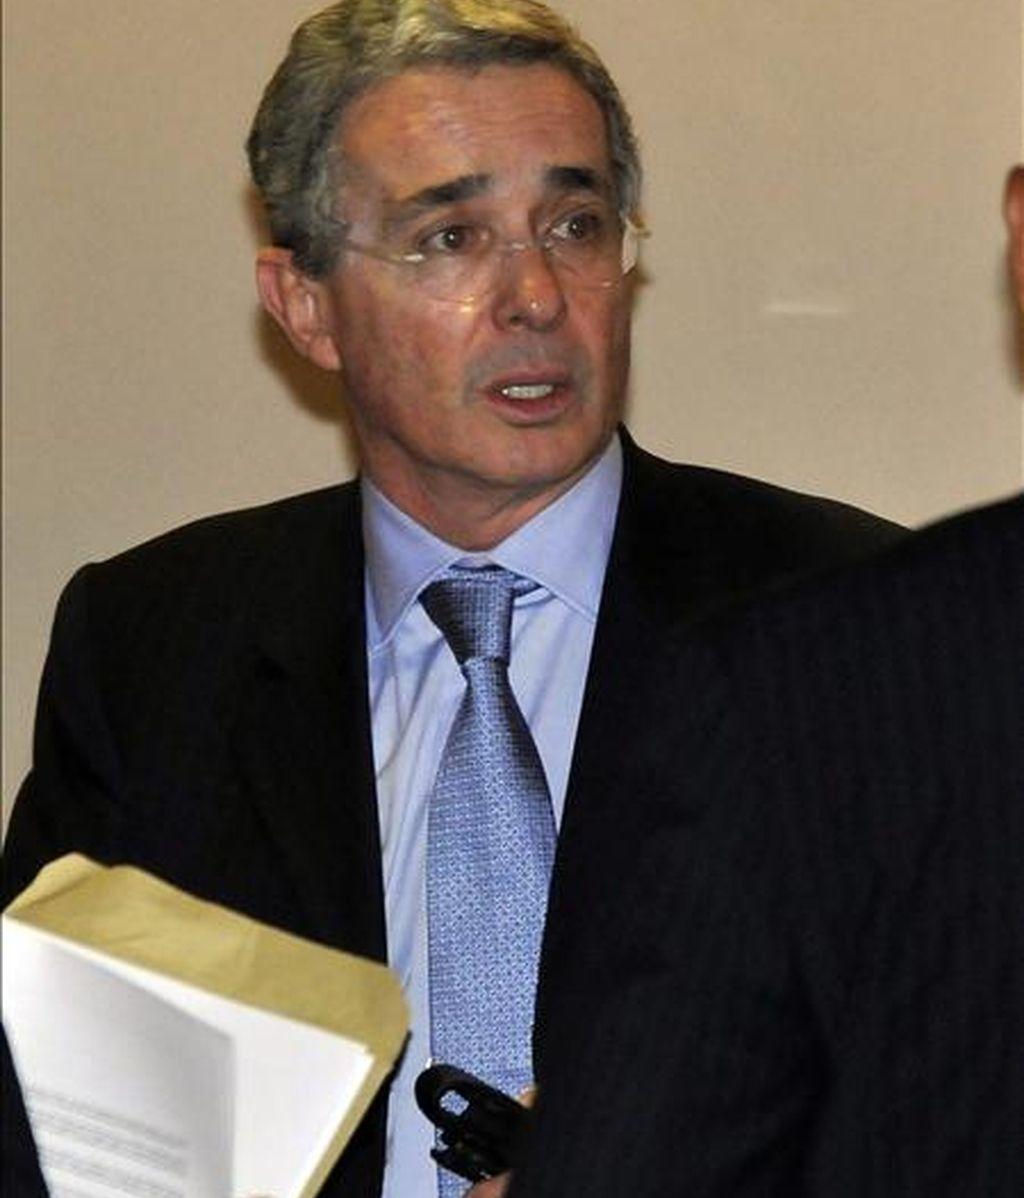 """El entorno del ex presidente colombiano, Álvaro Uribe, ordenó escuchas ilegales y espiar a magistrados, periodistas y opositores, según reveló hoy el diario francés """"Le Monde"""", que publica cables de WikiLeaks al respecto. EFE/Archivo"""